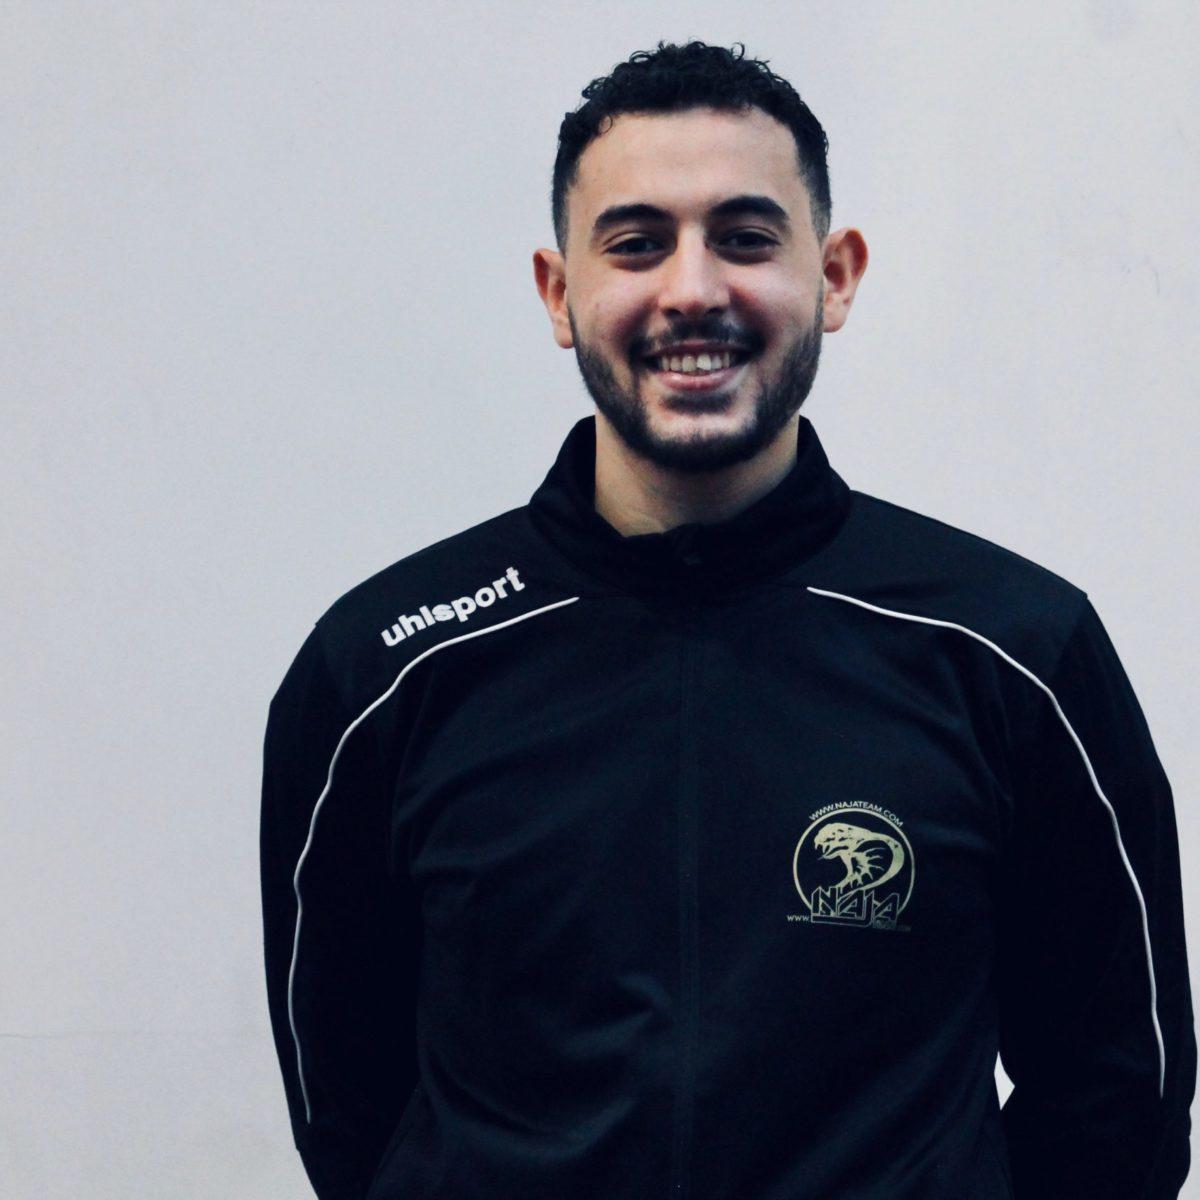 Omar - Coach de boxe anglaise - Naja Team